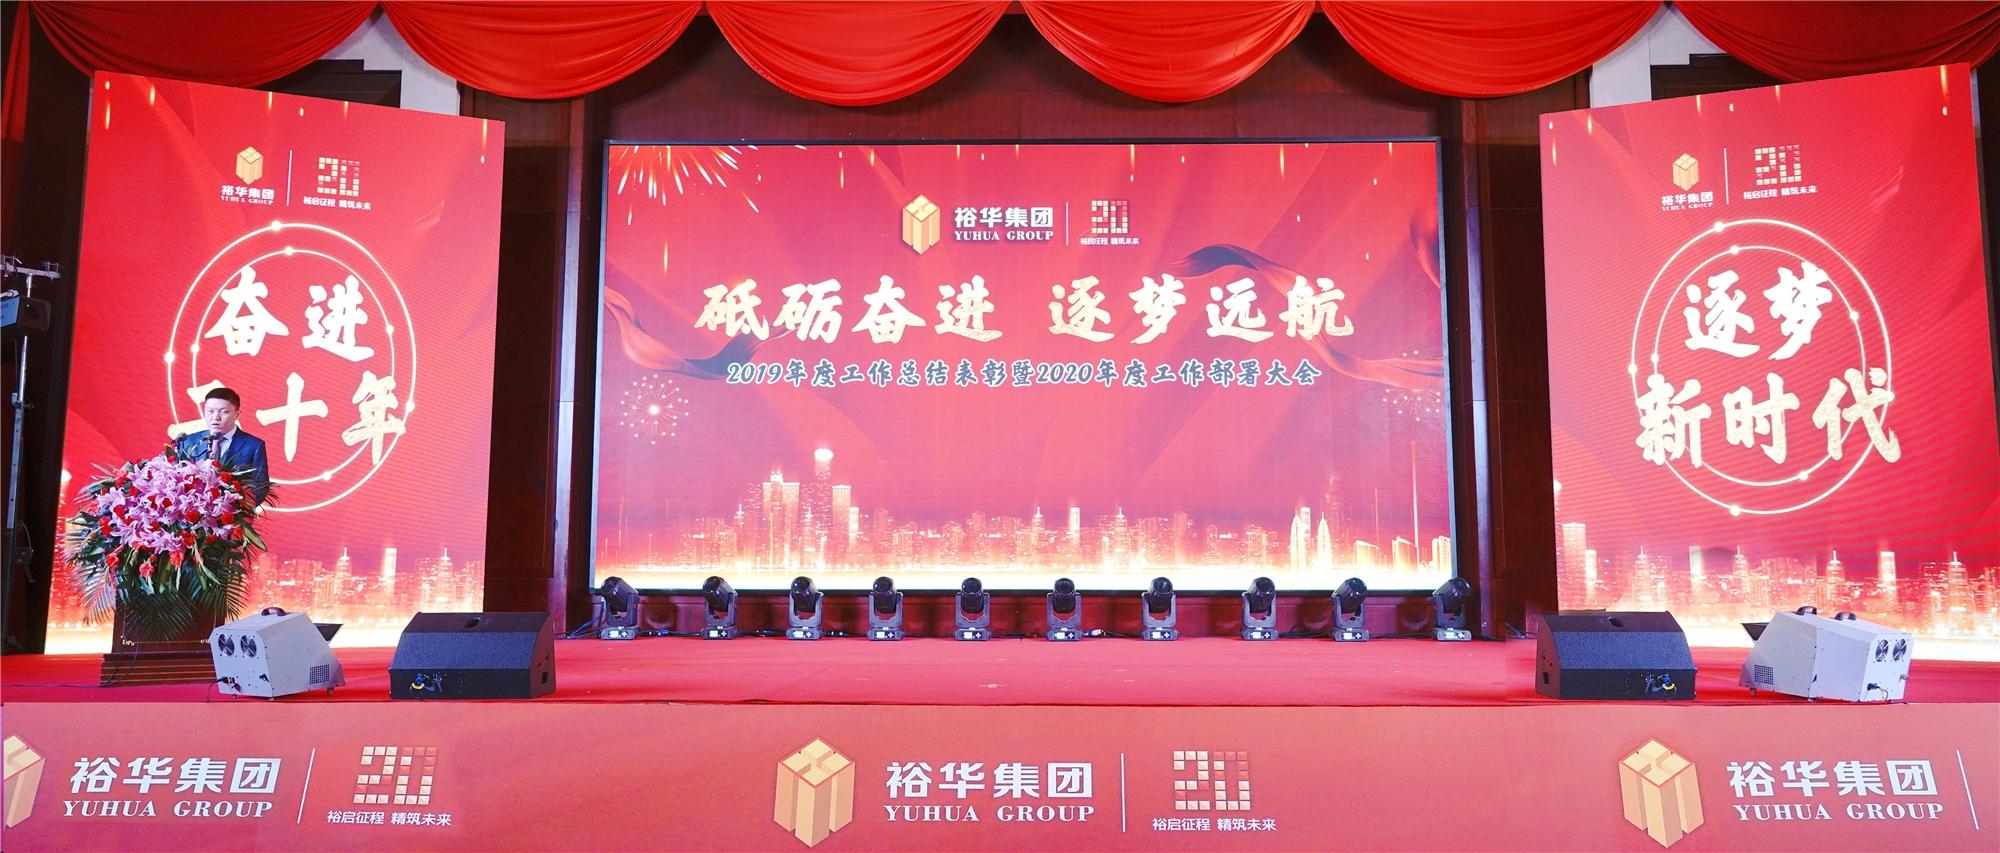 奋进二十年 逐梦新时代—北京快乐十分最新开奖集团2019年度工作总结表彰暨2020年度工作部署大会圆满举行